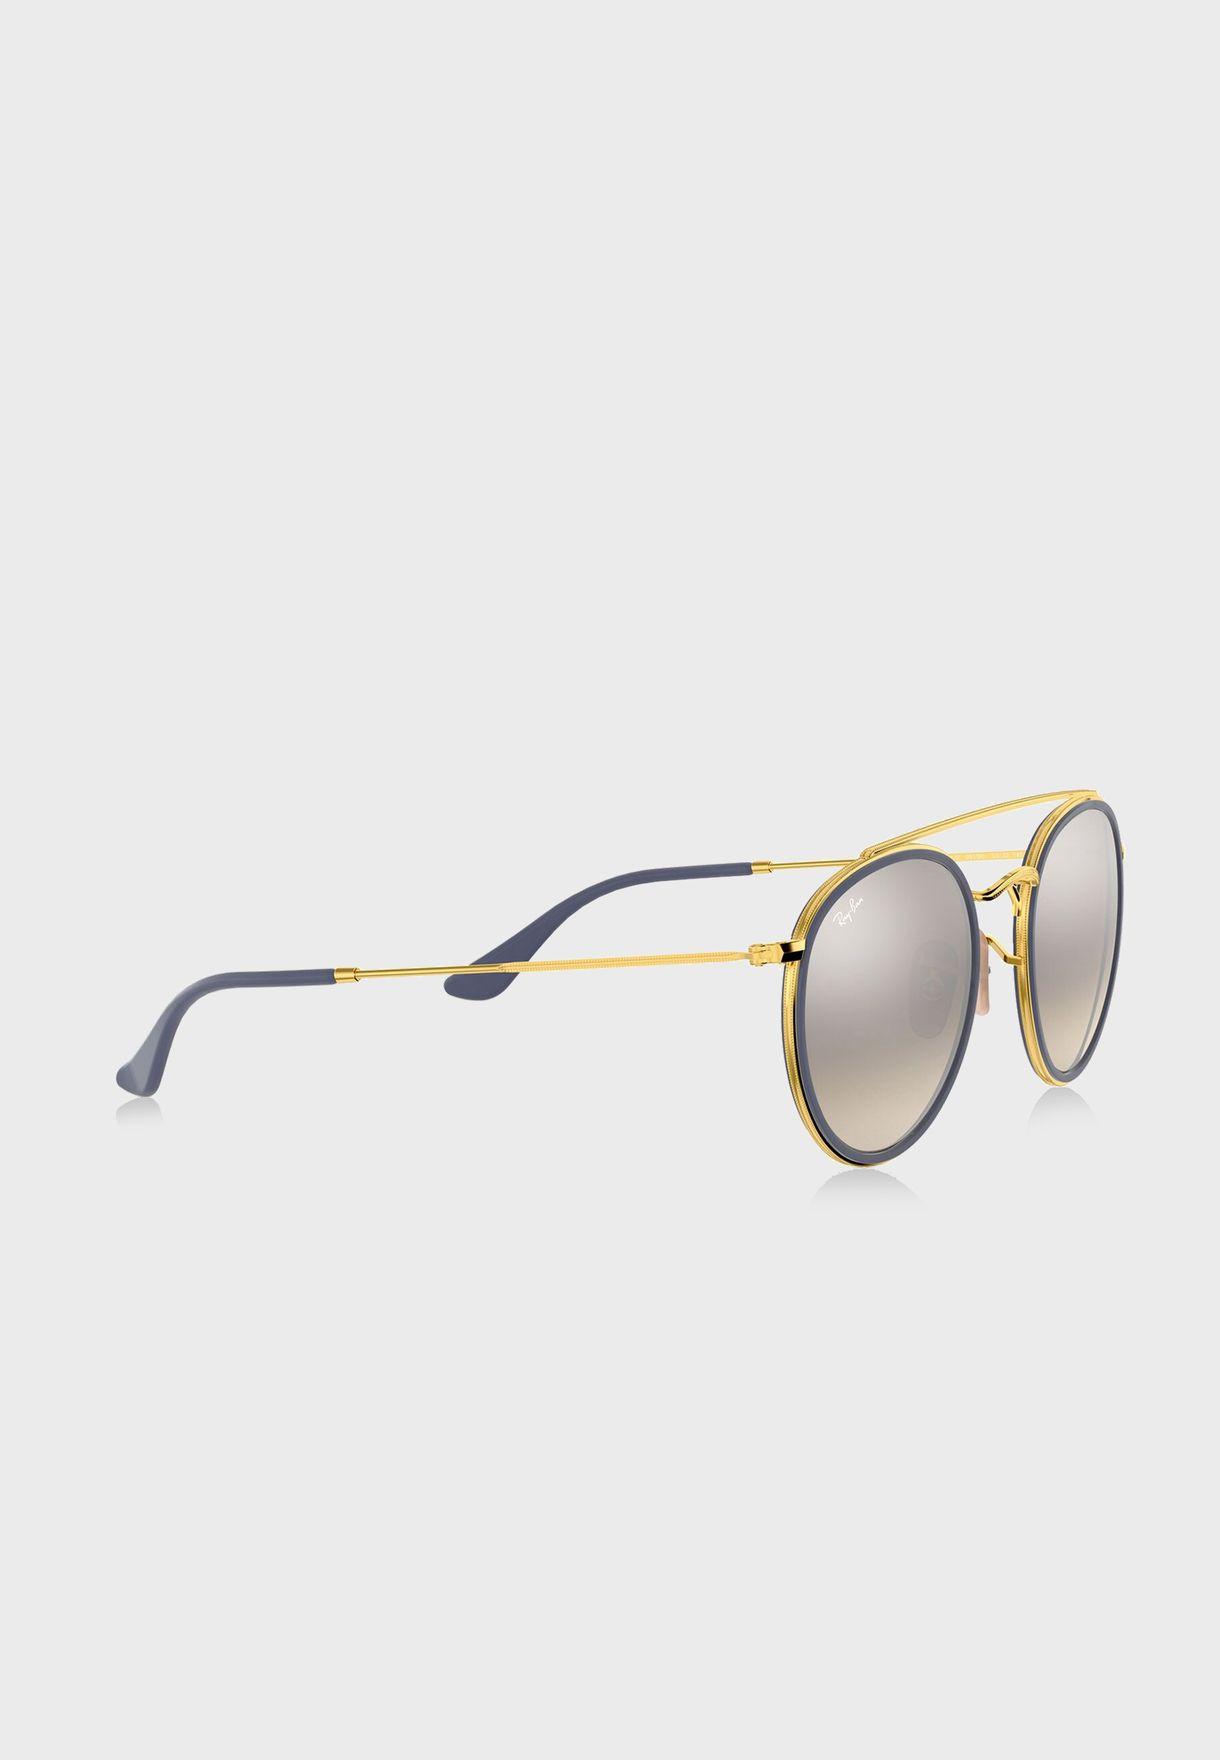 0RB3647N Round Double Bridge Sunglasses